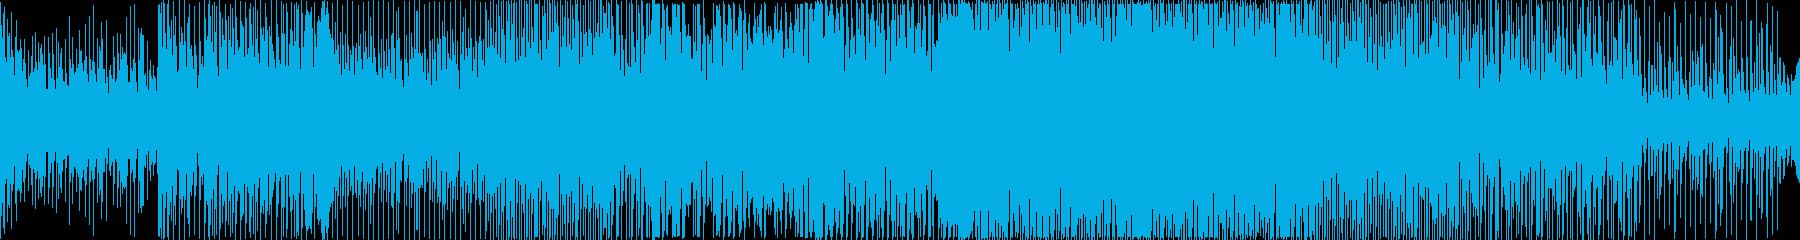 雄大で近未来的なプログレッシブハウスの再生済みの波形